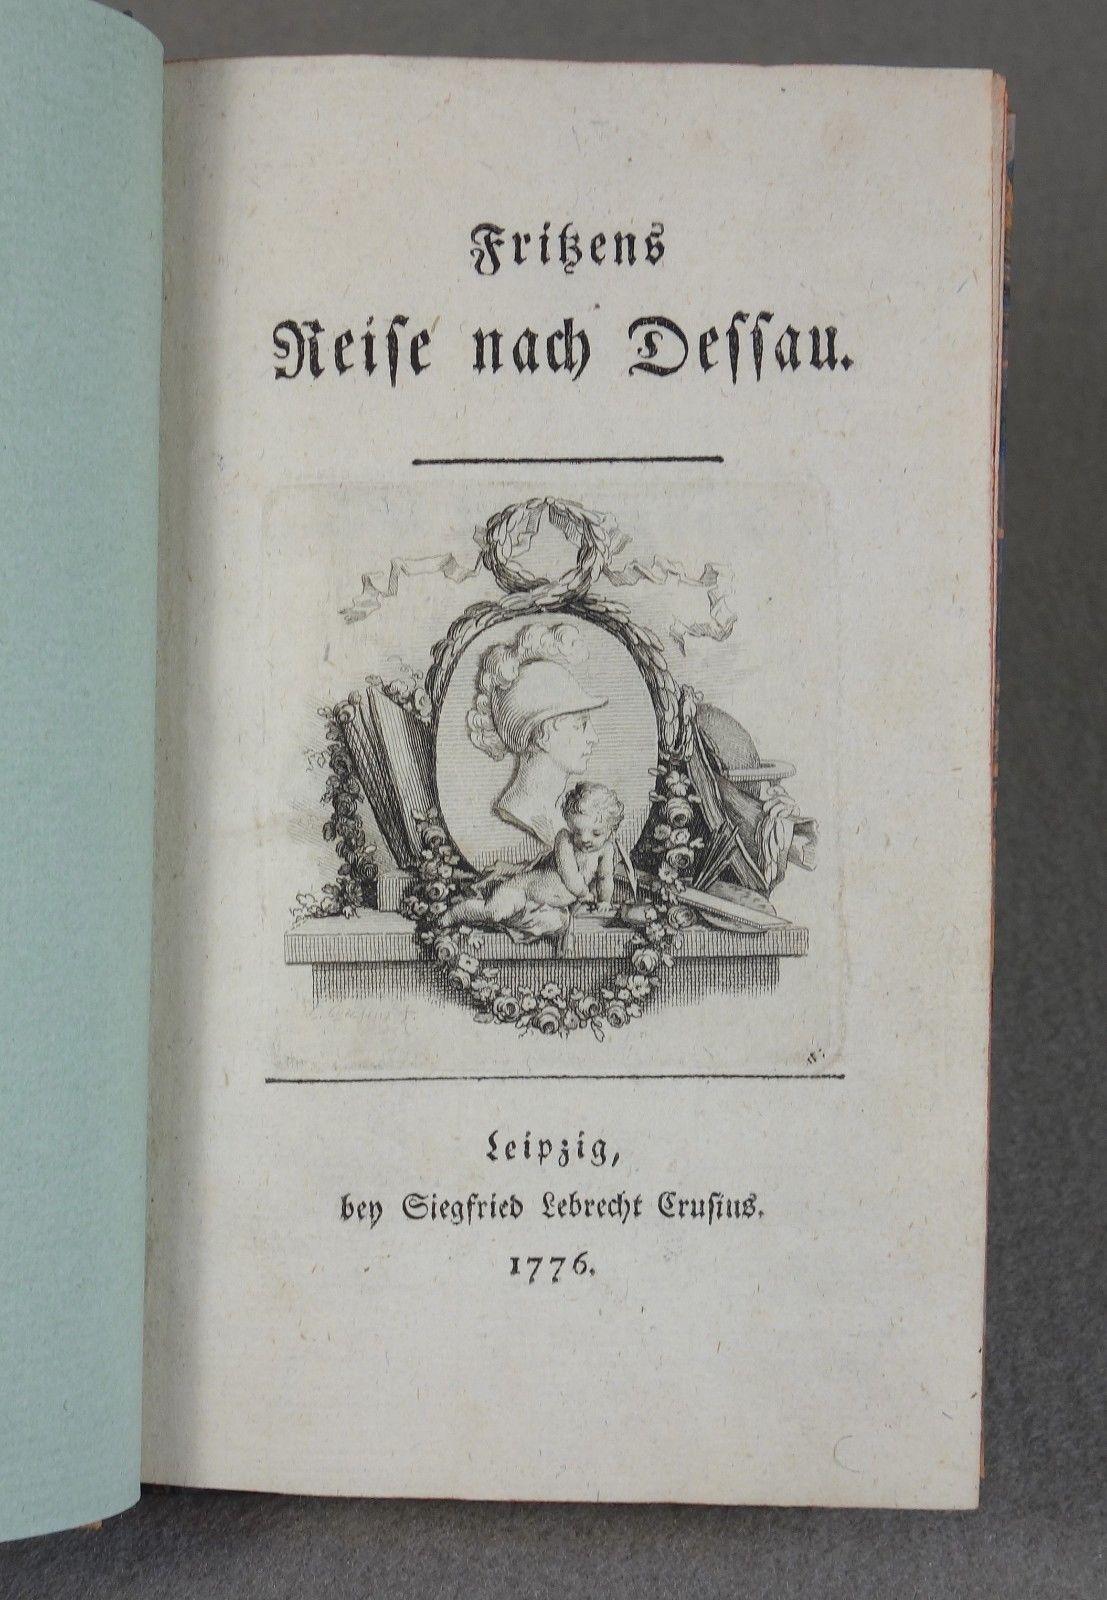 1776 - AUFKLÄRUNG - Philanthropinum Dessau - EMPFINDSAMKEIT Erstausgabe Basedow